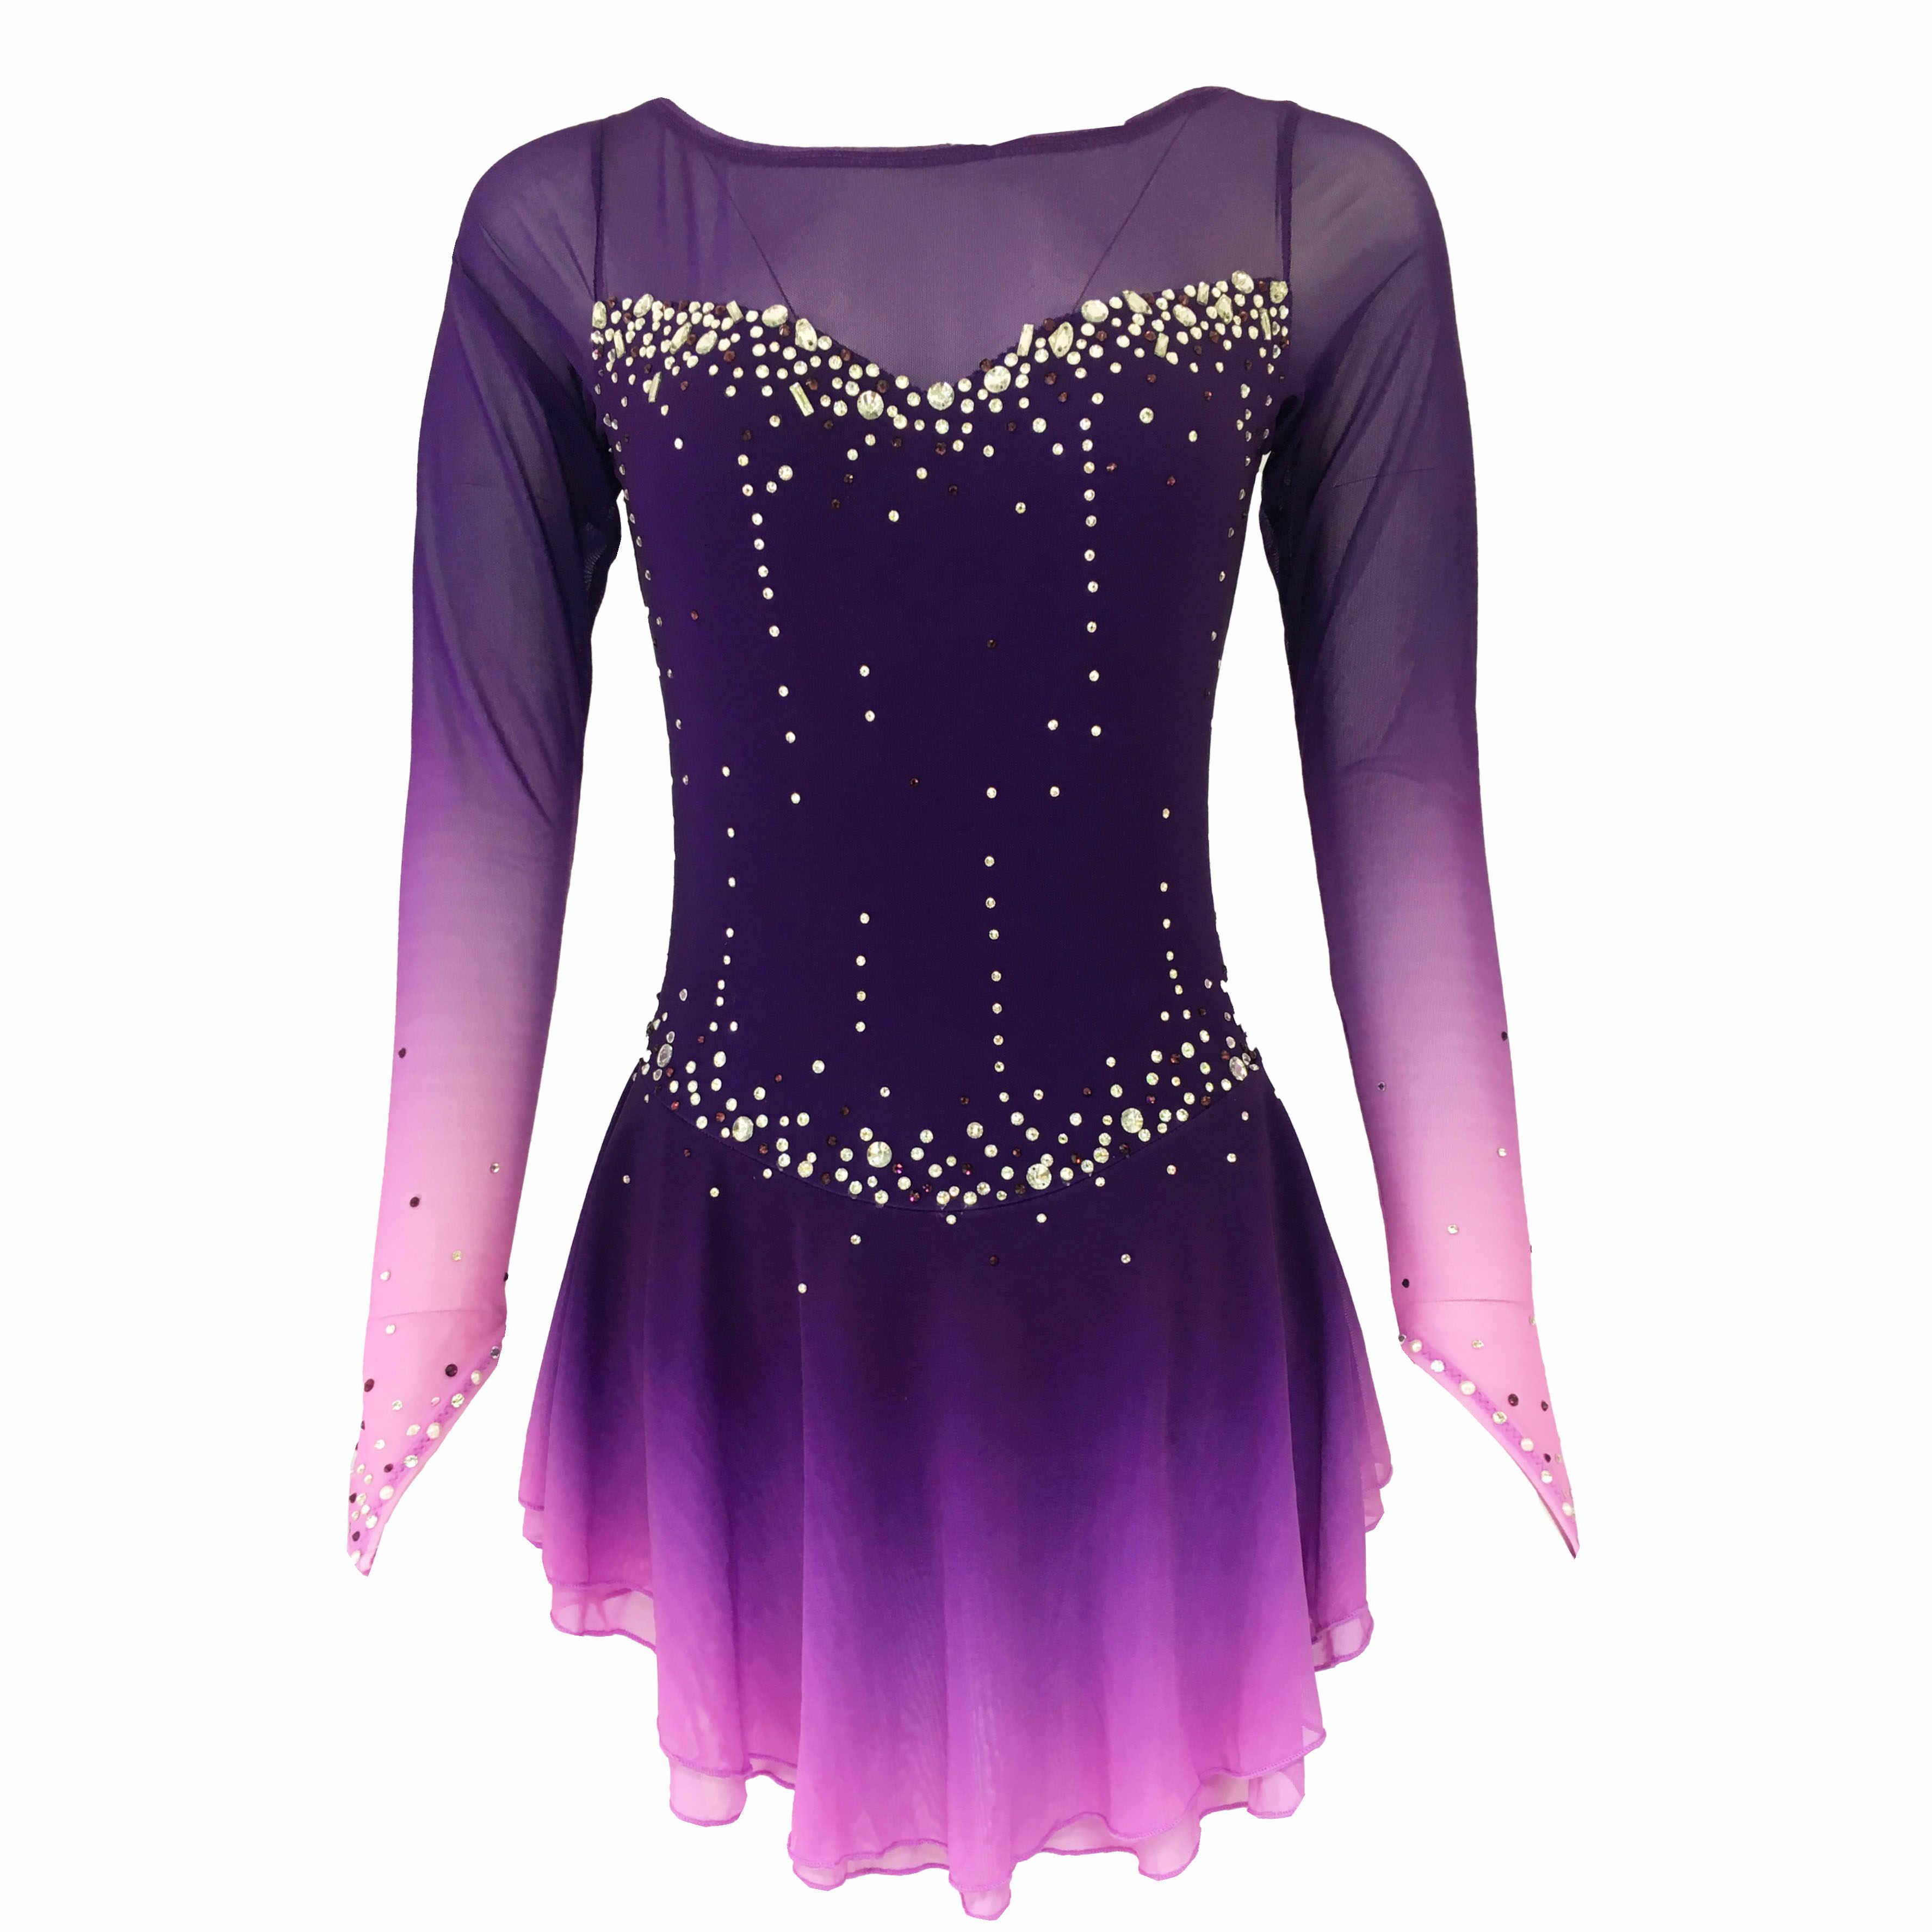 Фиолетовое платье для фигурного катания на коньках рукава ледяные юбки для конькобежцев с длинными рукавами юбка из спандекса платья для соревнований